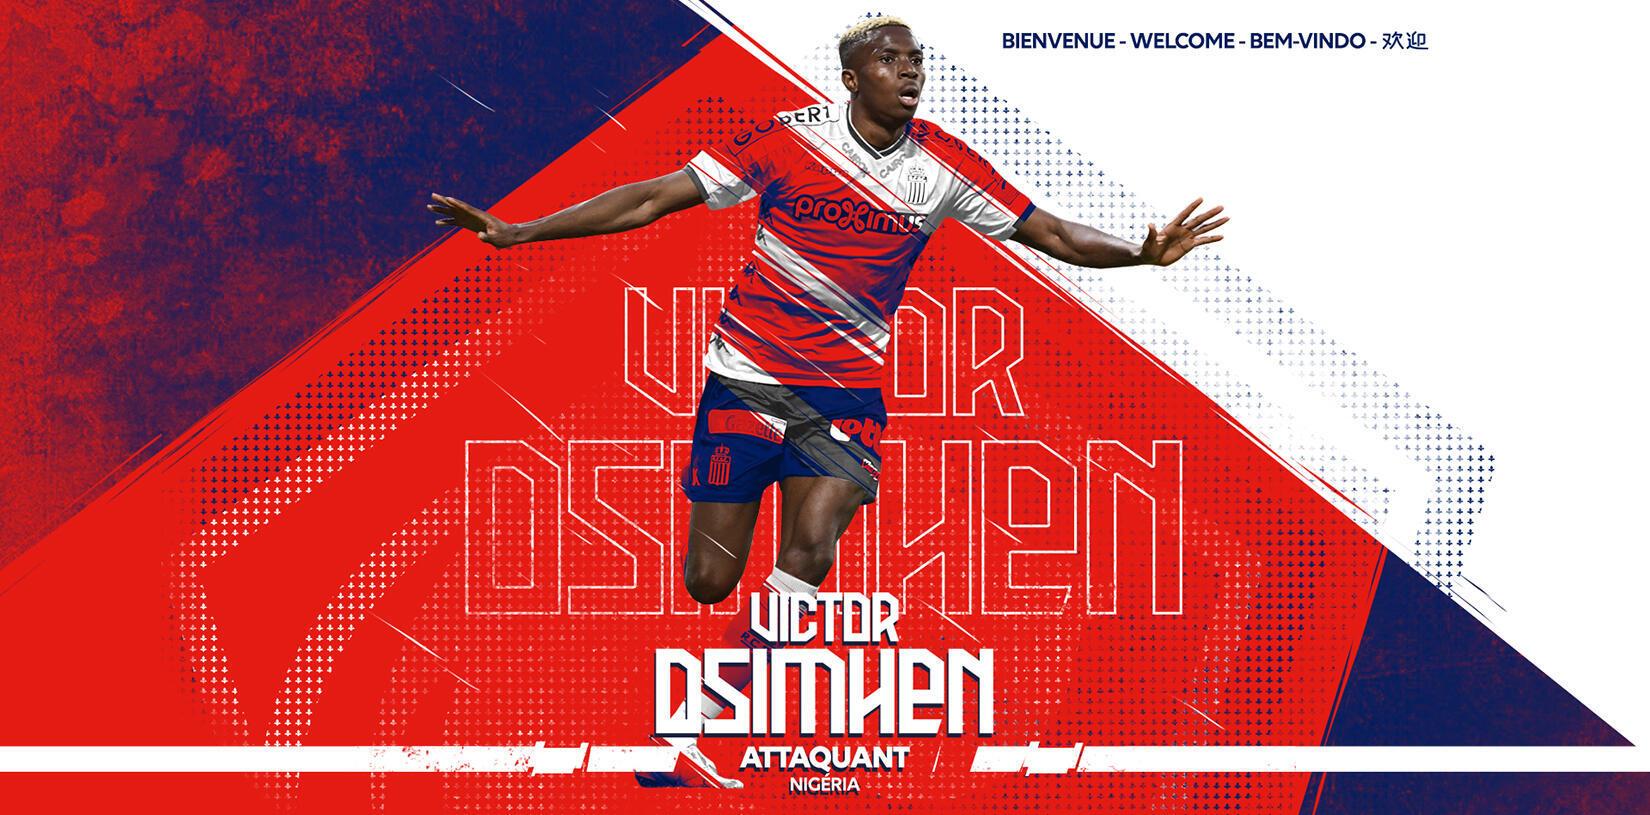 L'international nigérian Victor Oshimen s'est engagé pour les cinq prochaines saisons avec Lille.